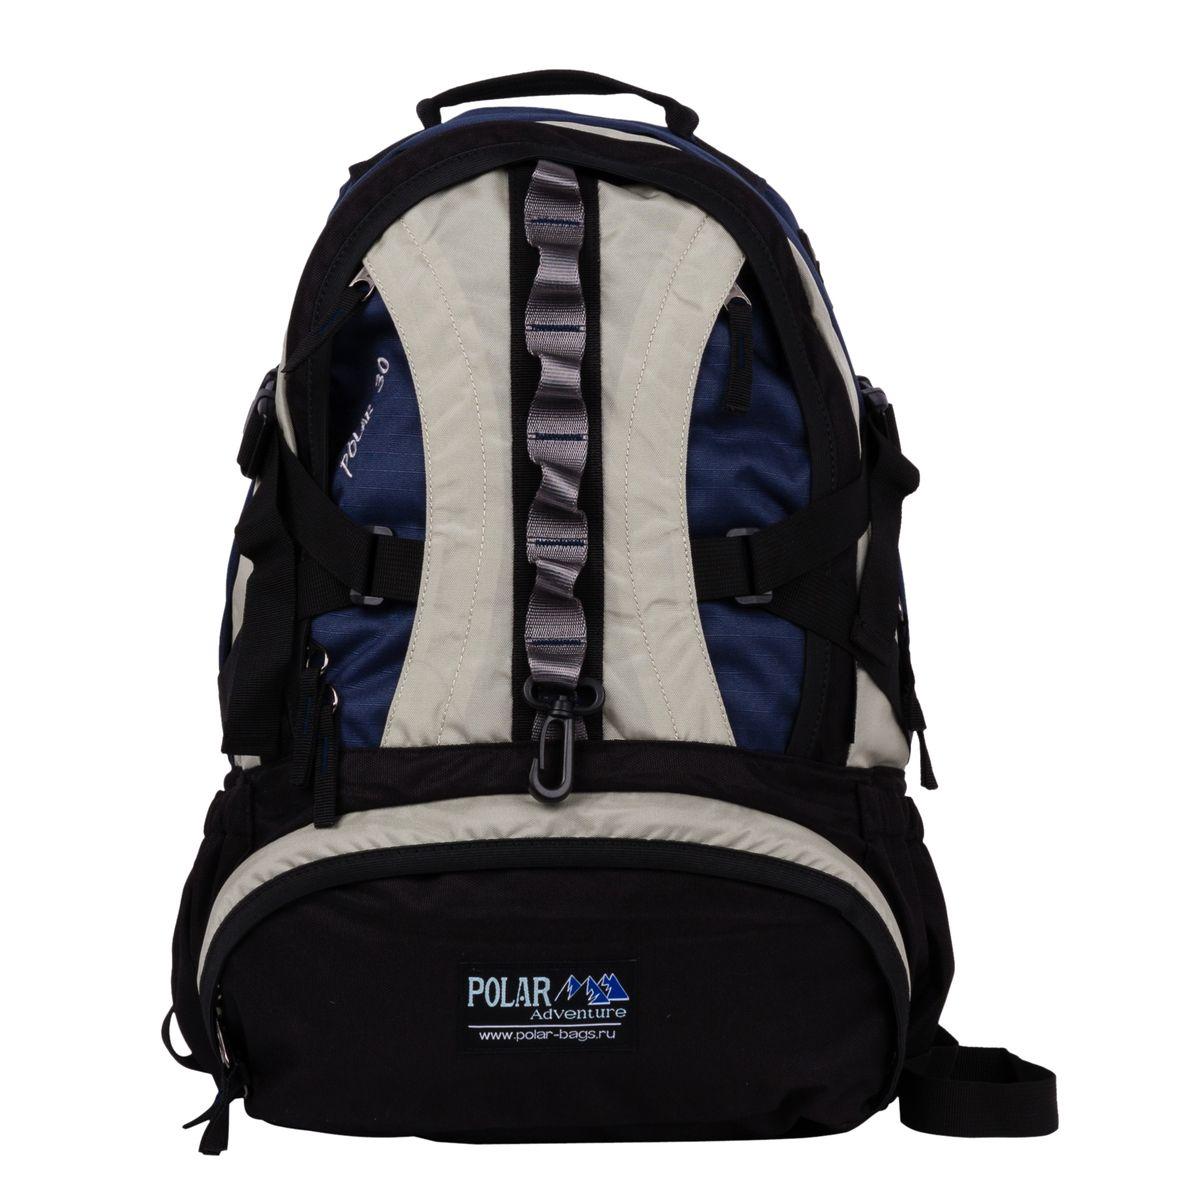 Рюкзак городской Polar, 27 л, цвет: синий. П1003-04П1003-04двухсторонних молниях для удобства. Большой отсек для спортивной обуви т.п. Маленький карман для mp3, CD плеера. Выход для наушников. Два боковых кармана под бутылки с водой. Дождевик защищает рюкзак от намокания в дождливую погоду. Регулируемые ремни дают возможность крепления на рюкзак дополнительного оборудования. Регулируемая грудная стяжка с удобным фиксатором. Регулирующий поясной ремень удерживает плотно рюкзак на спине, что очень удобно при езде на велосипеде или продолжительных походах.